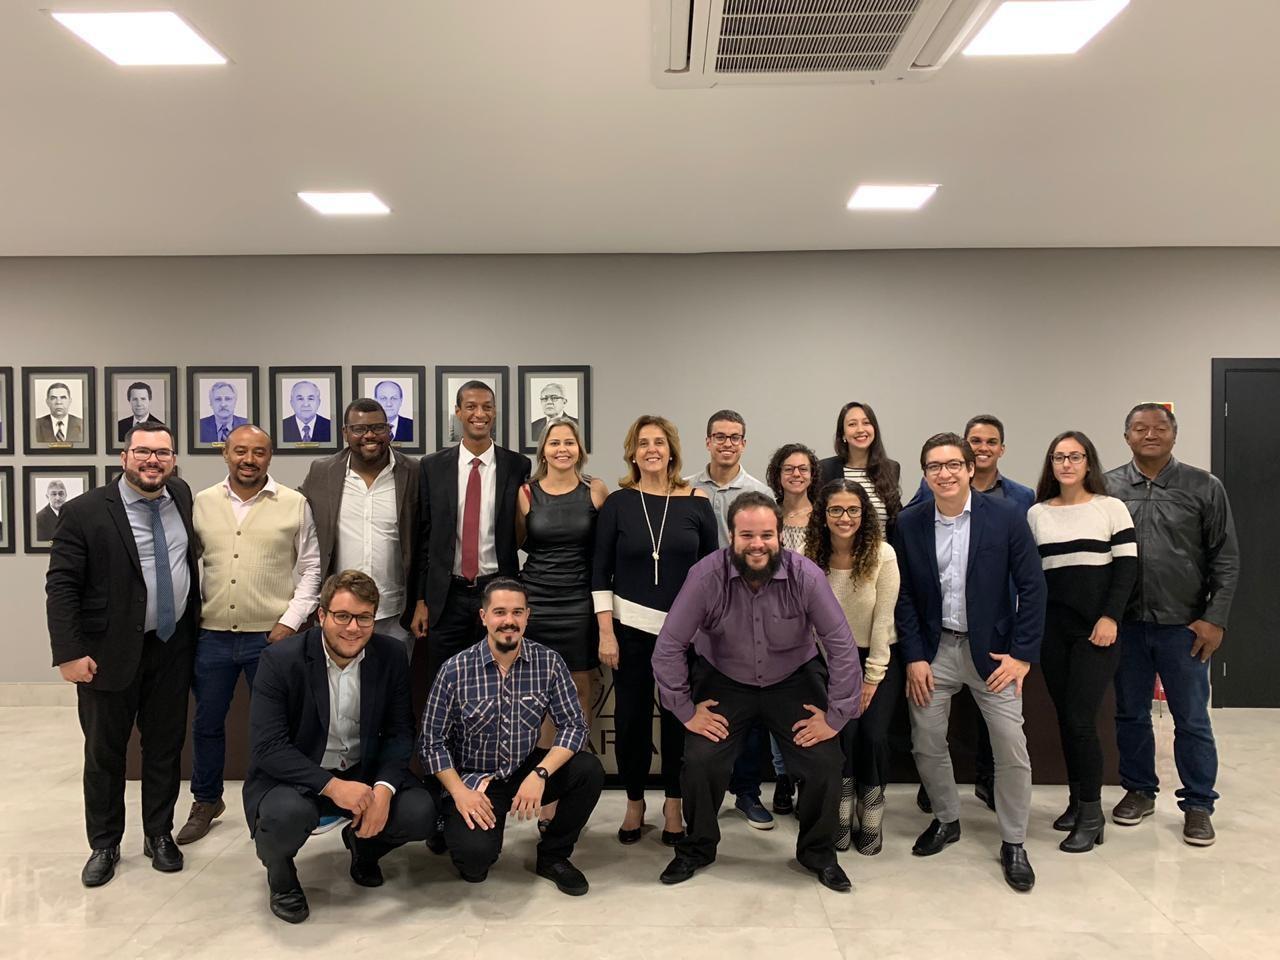 OAB Maringá criou Comissão de Igualdade Racial neste ano